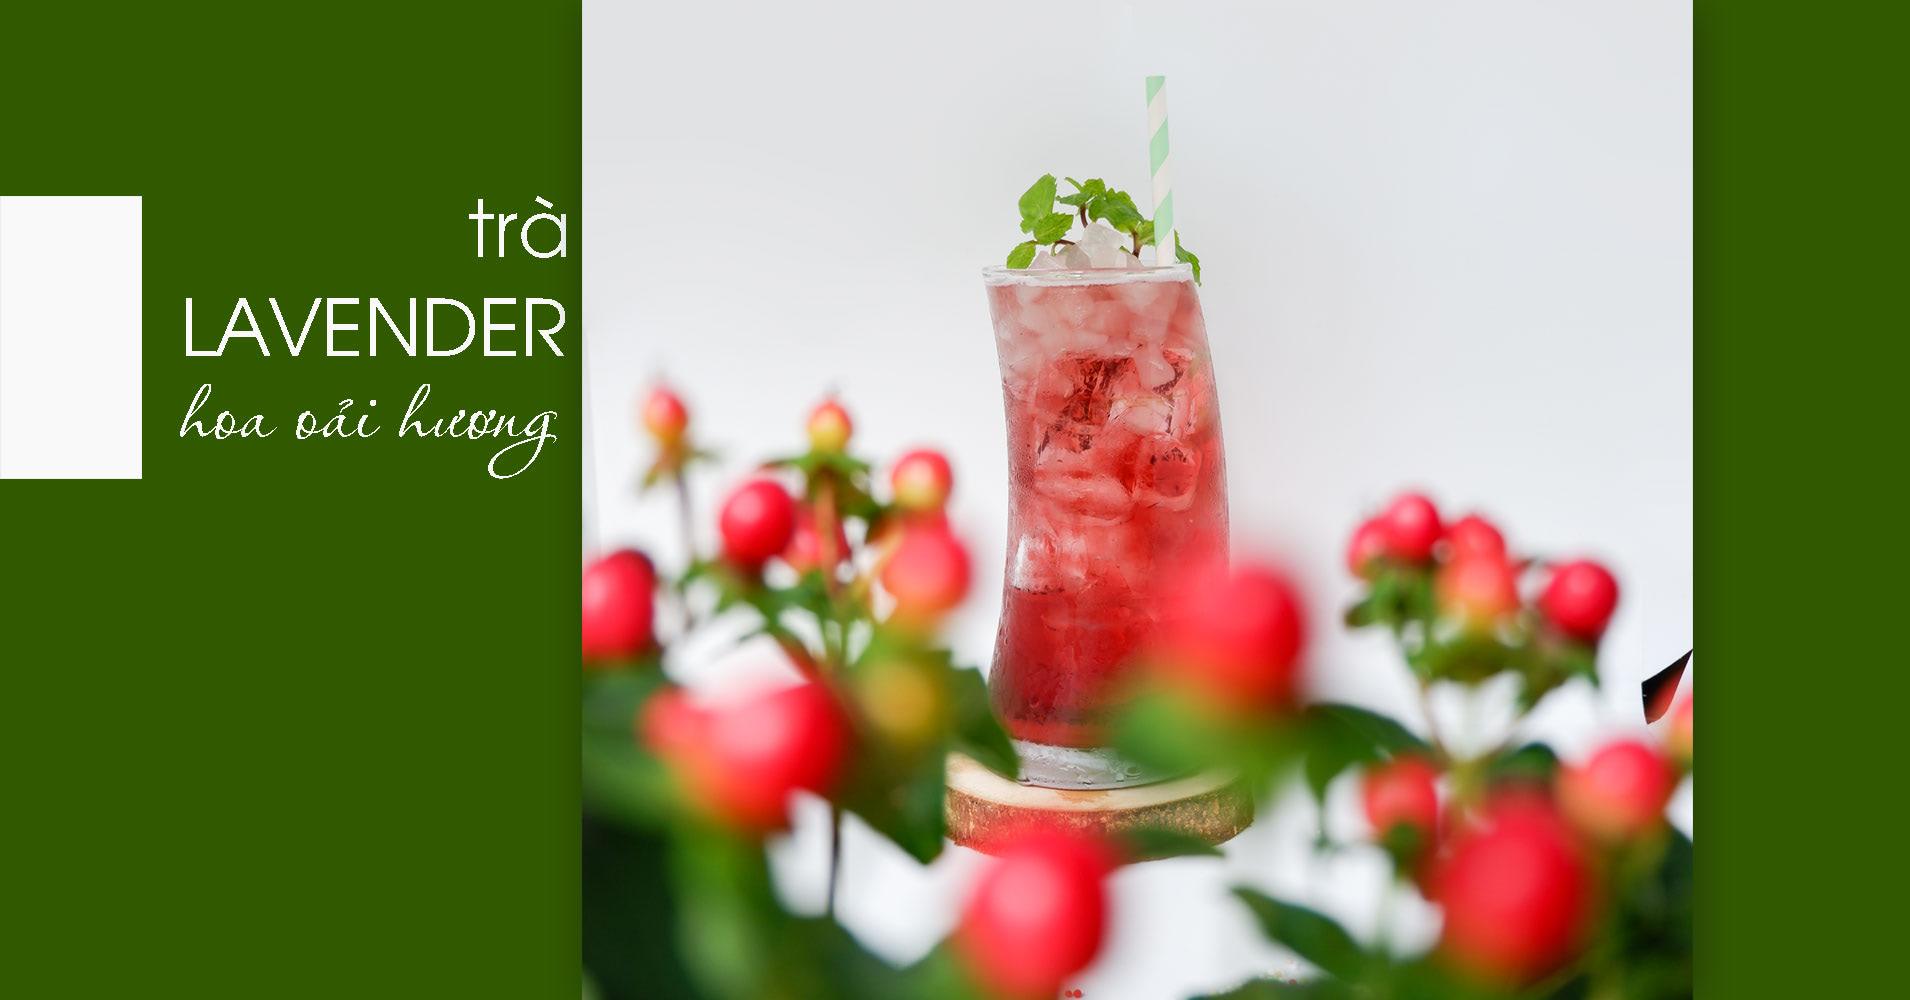 công thức trà lavender hoa oải hương